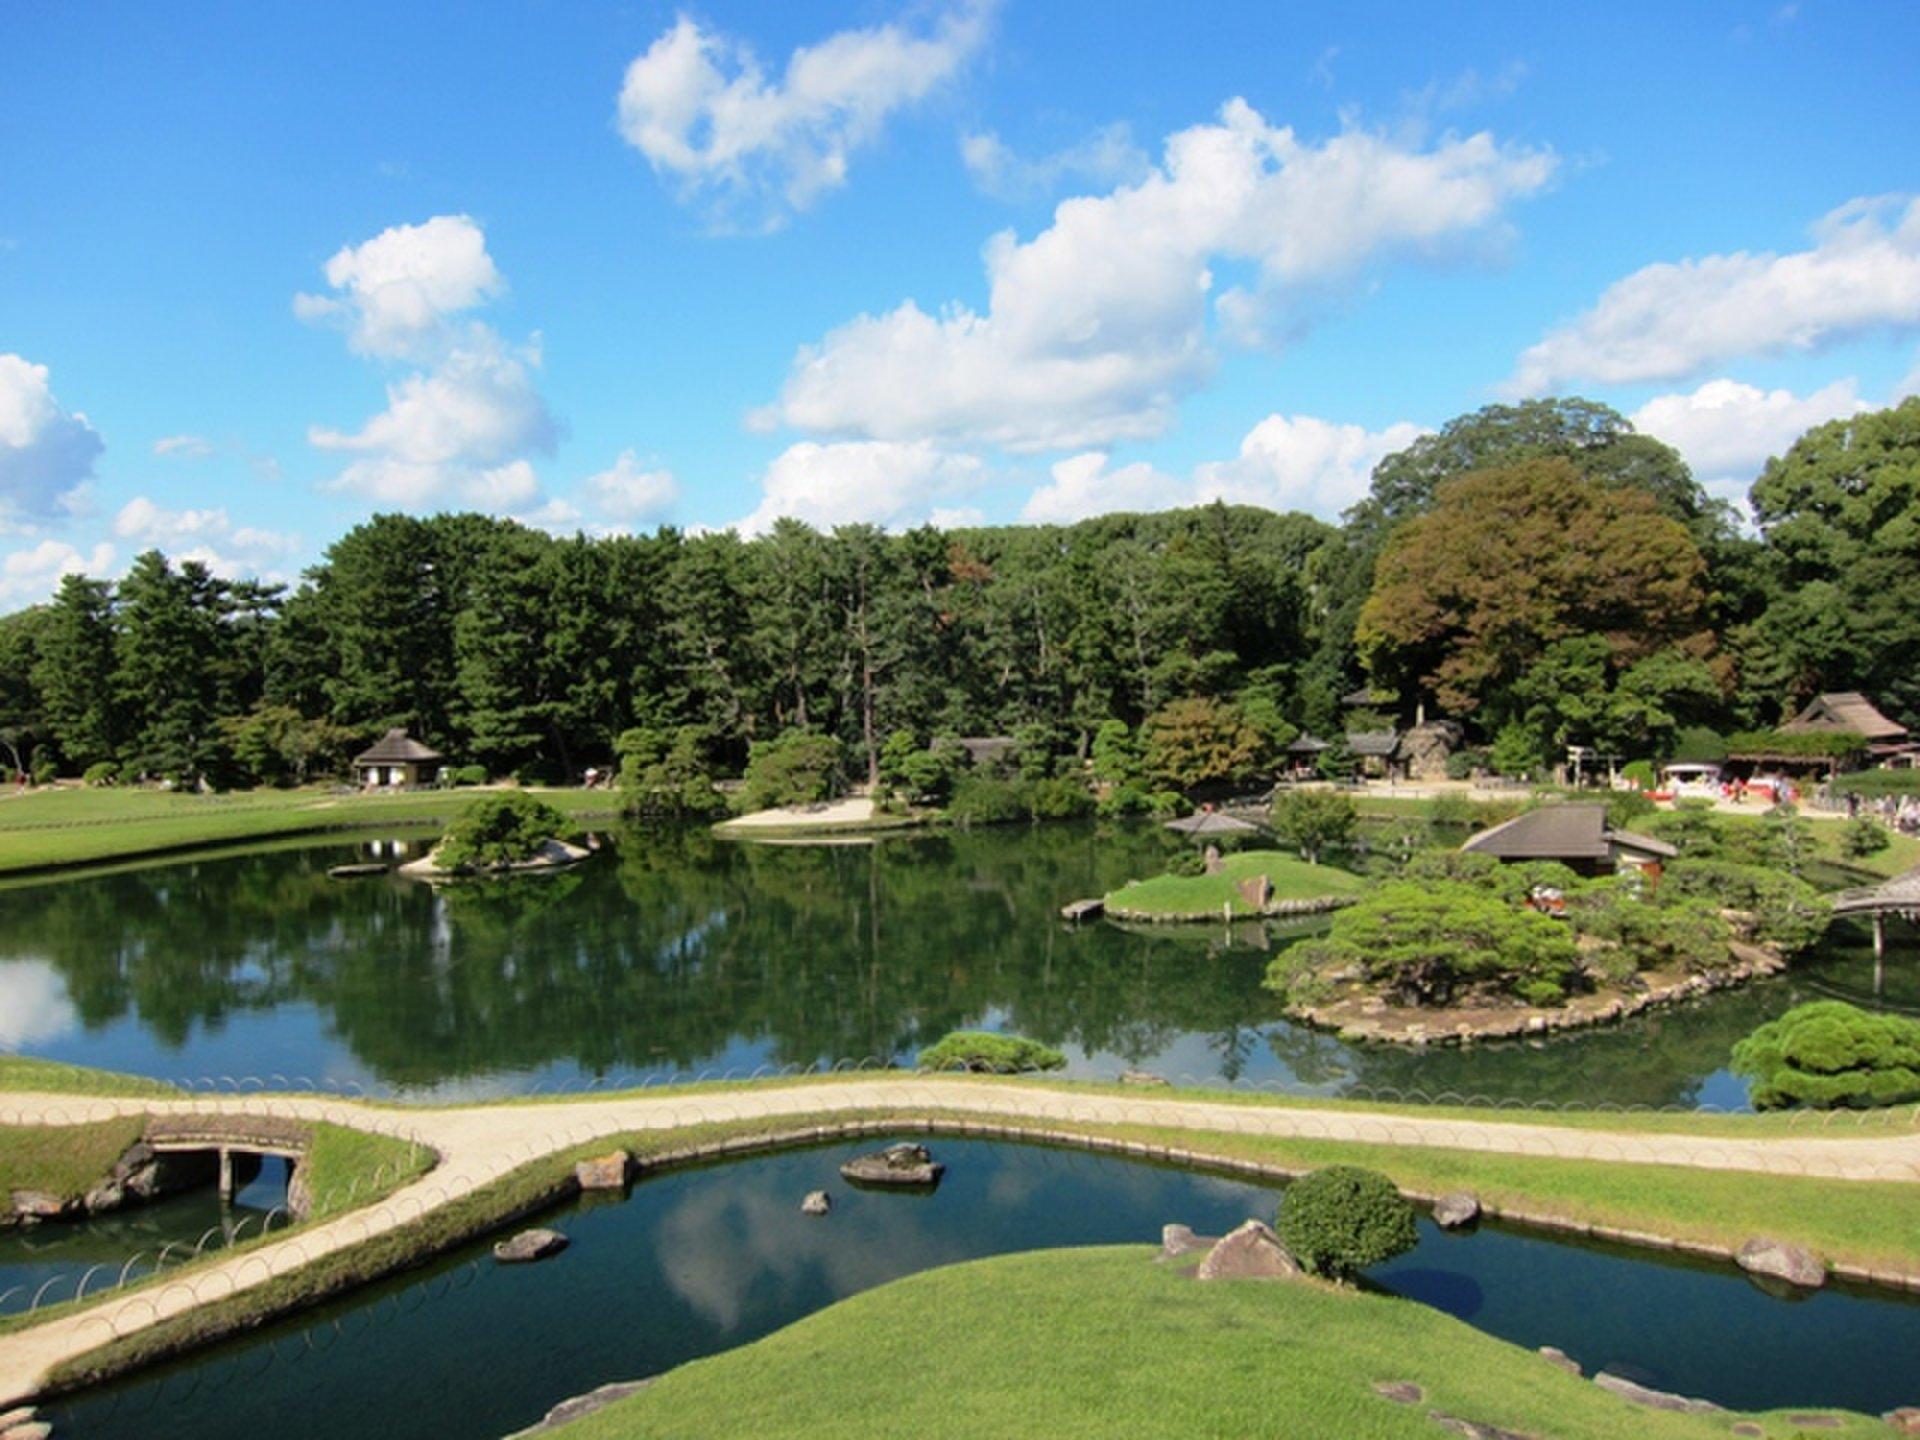 【岡山を観光&出張&グルメ】日本三名園の後楽園を見て、天守閣で備前焼をつくり、サワラを食べる